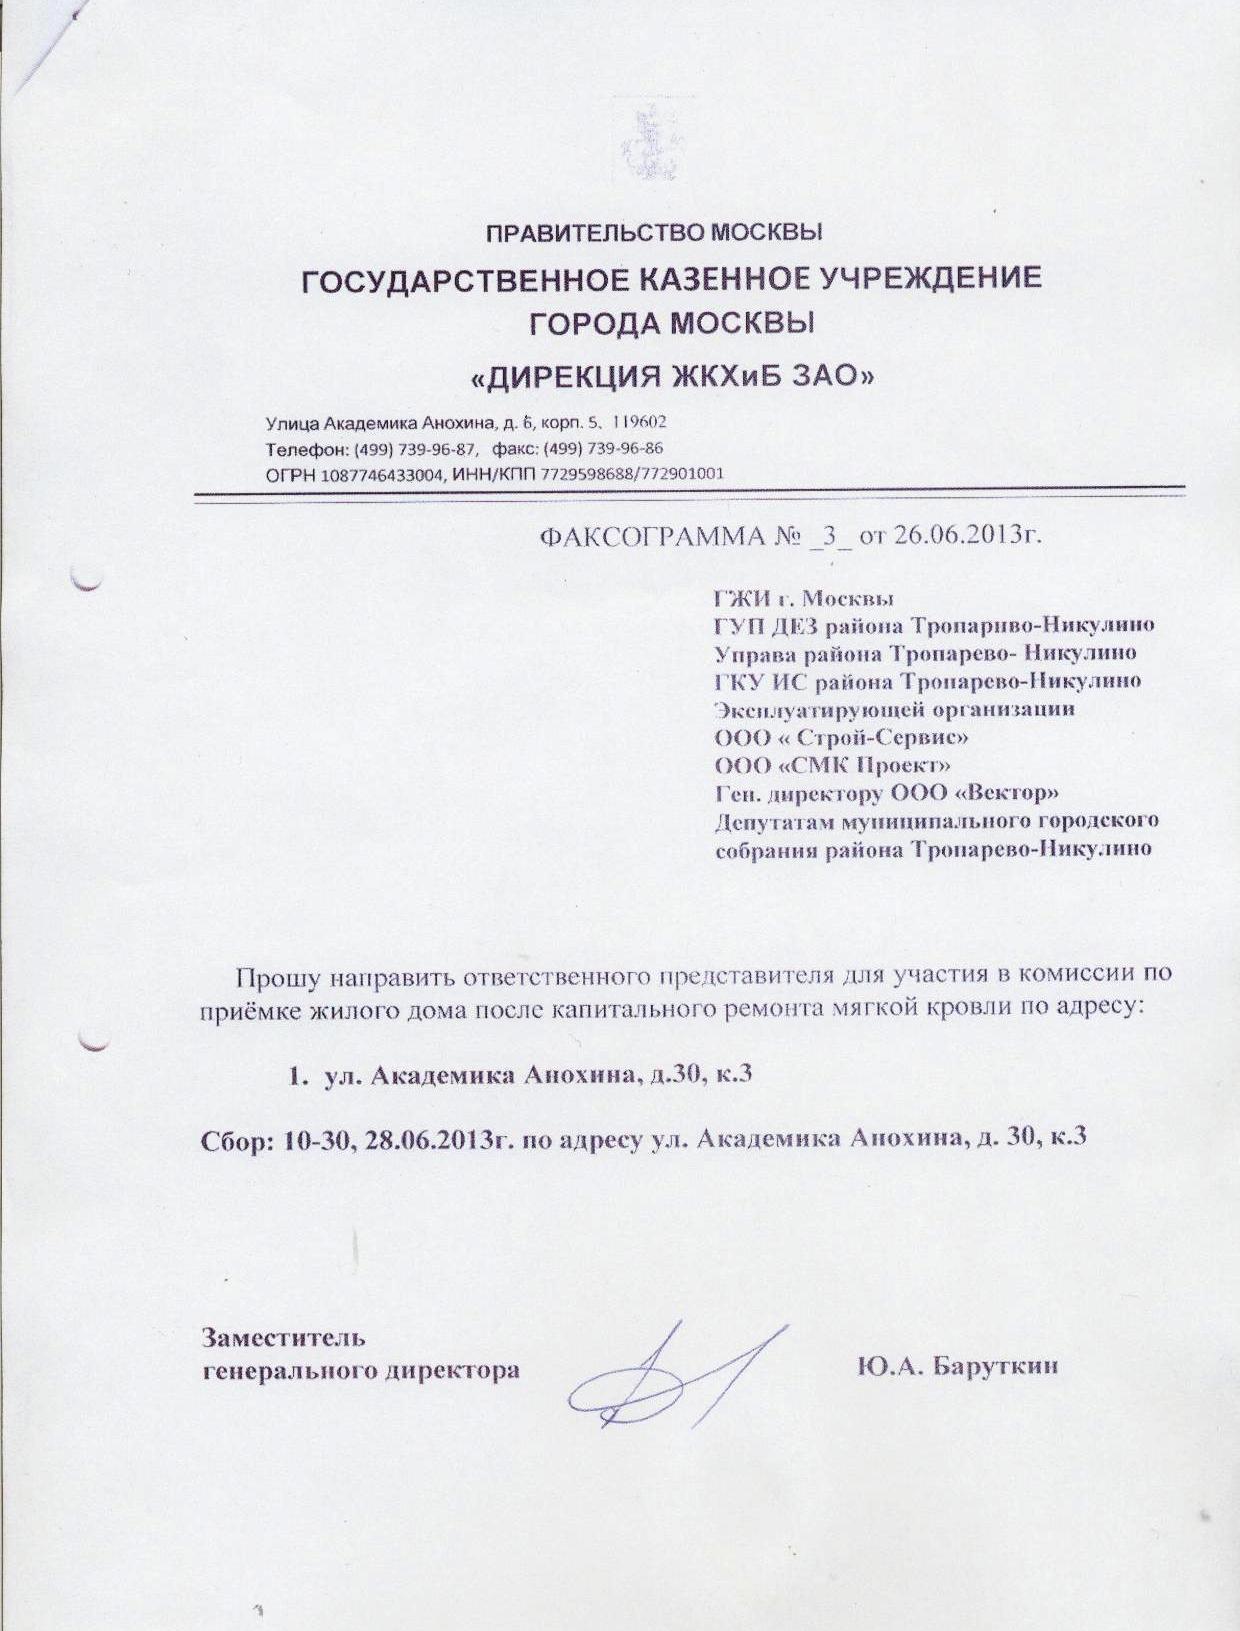 приглашение на открытие работ анохина 30 3